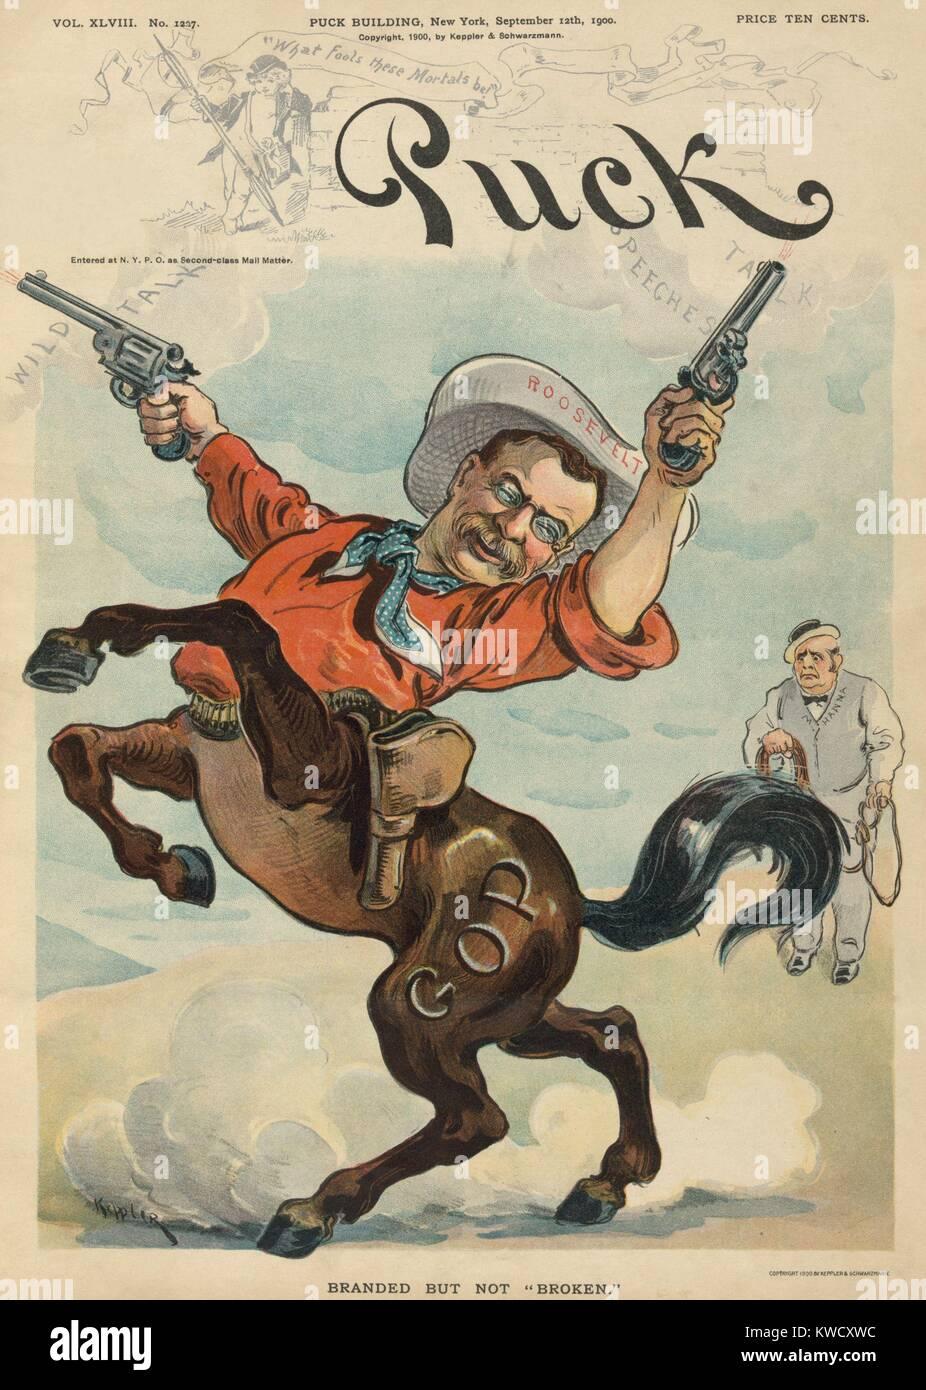 Theodore Roosevelt come strappi bronco sparare due rivoltelle. Rivista di  puck cartoon di sett. 7e4edb9655